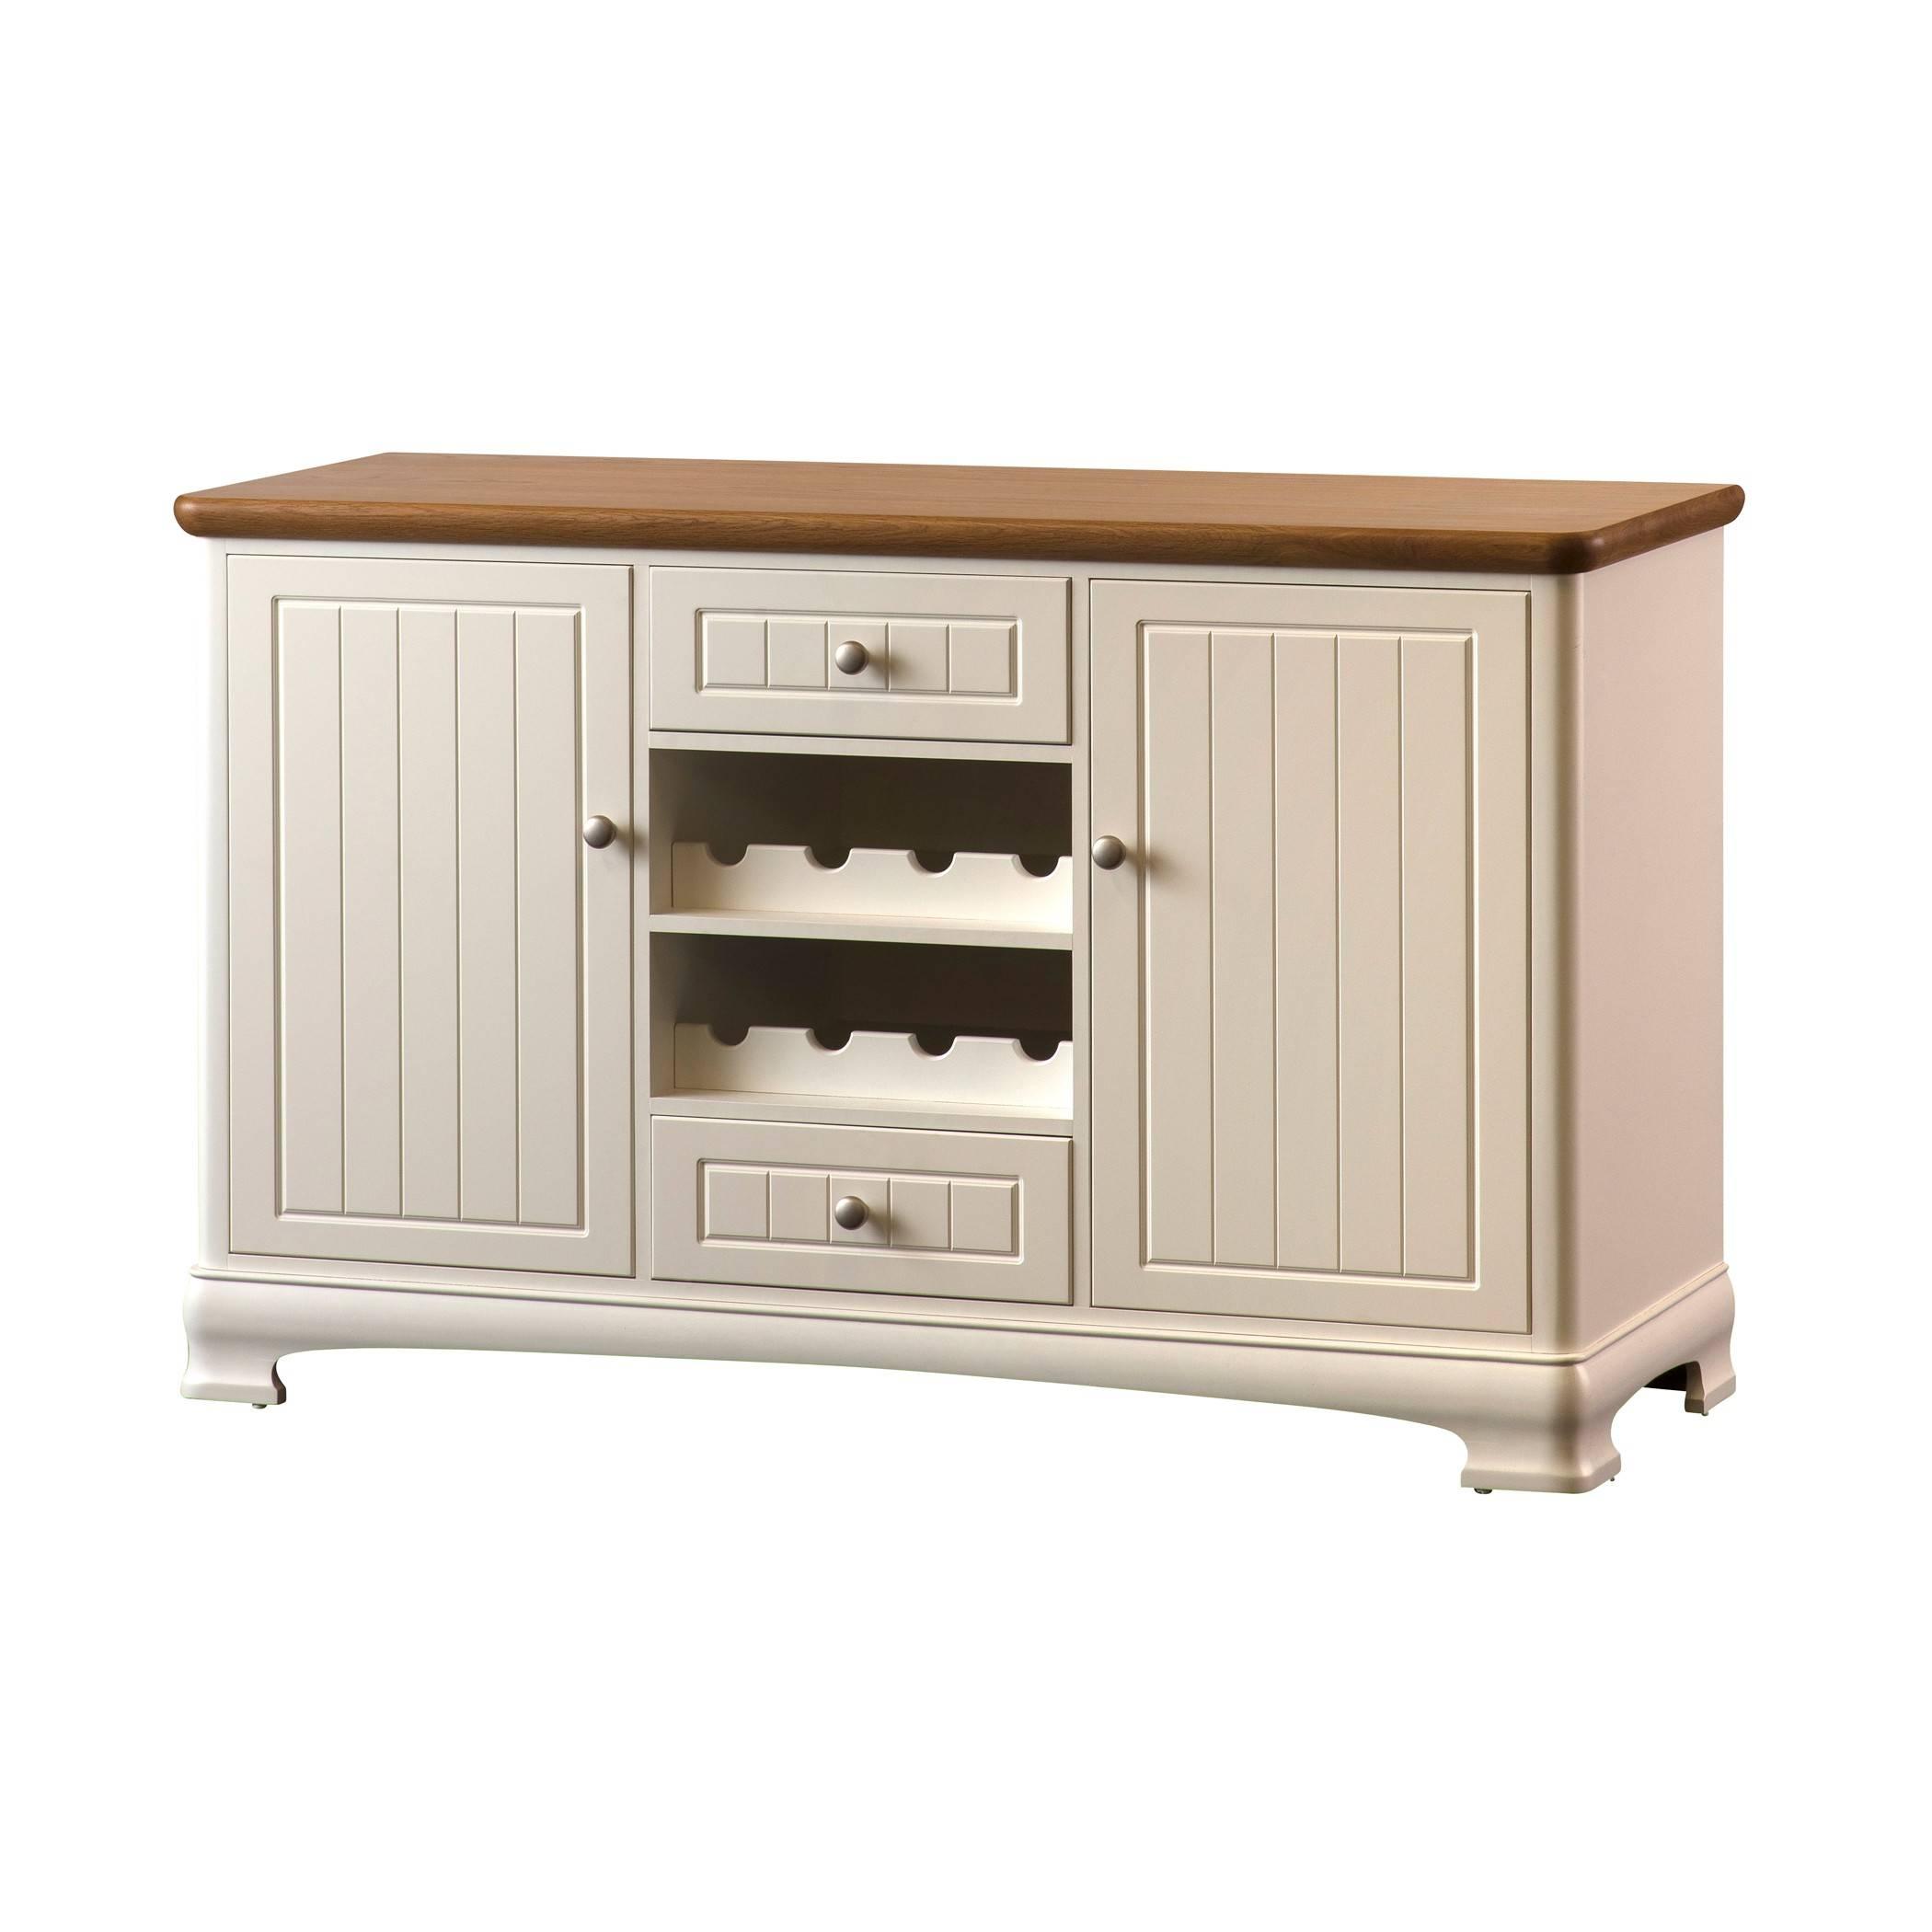 Sideboards - Dining Room | Gola Furniture Uk for Wine Sideboards (Image 11 of 15)